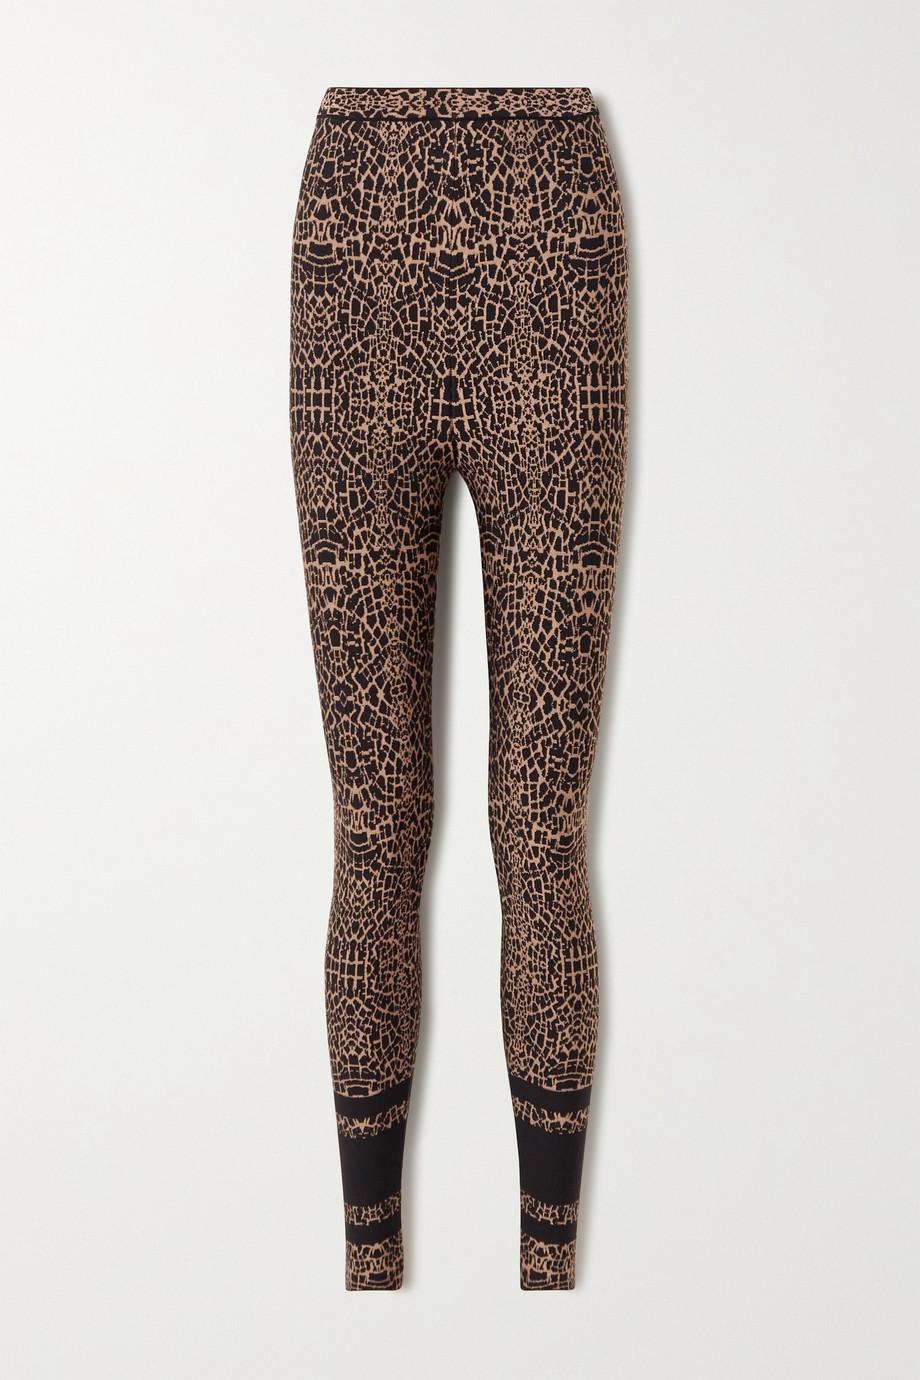 Alaïa Leopard jacquard-knit leggings